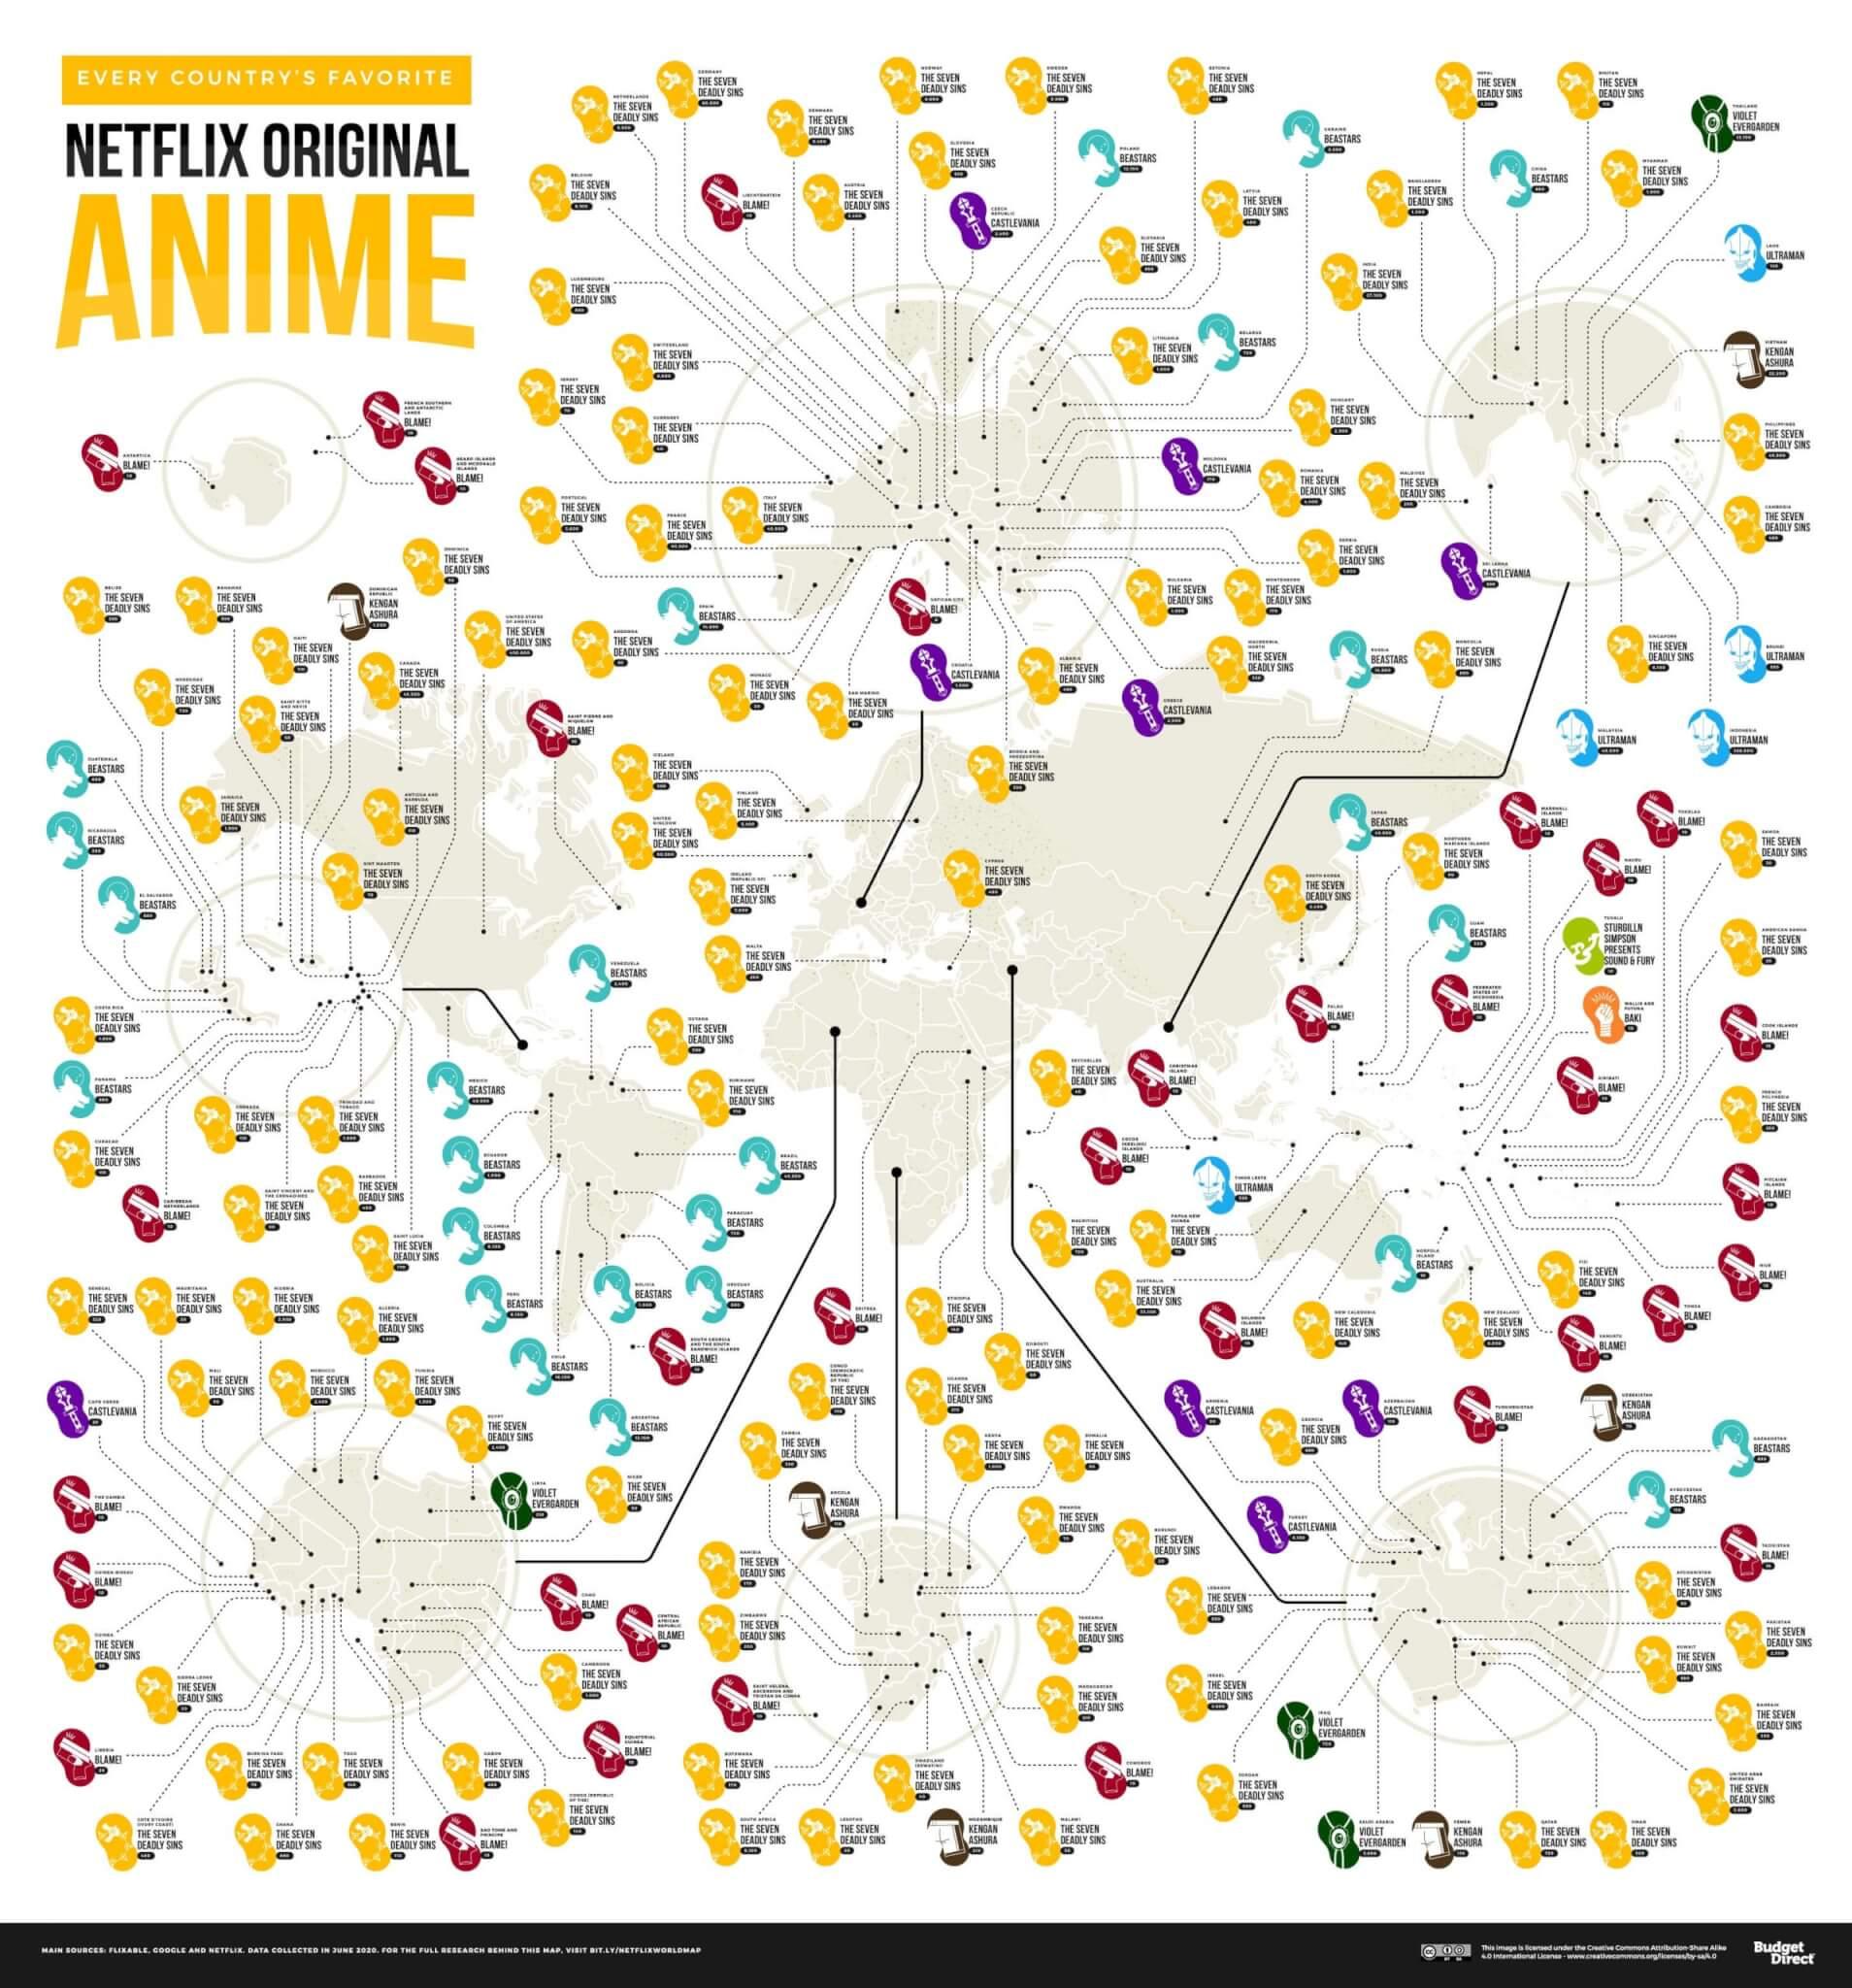 Qual o Anime da NETFLIX mais popular em Portugal?